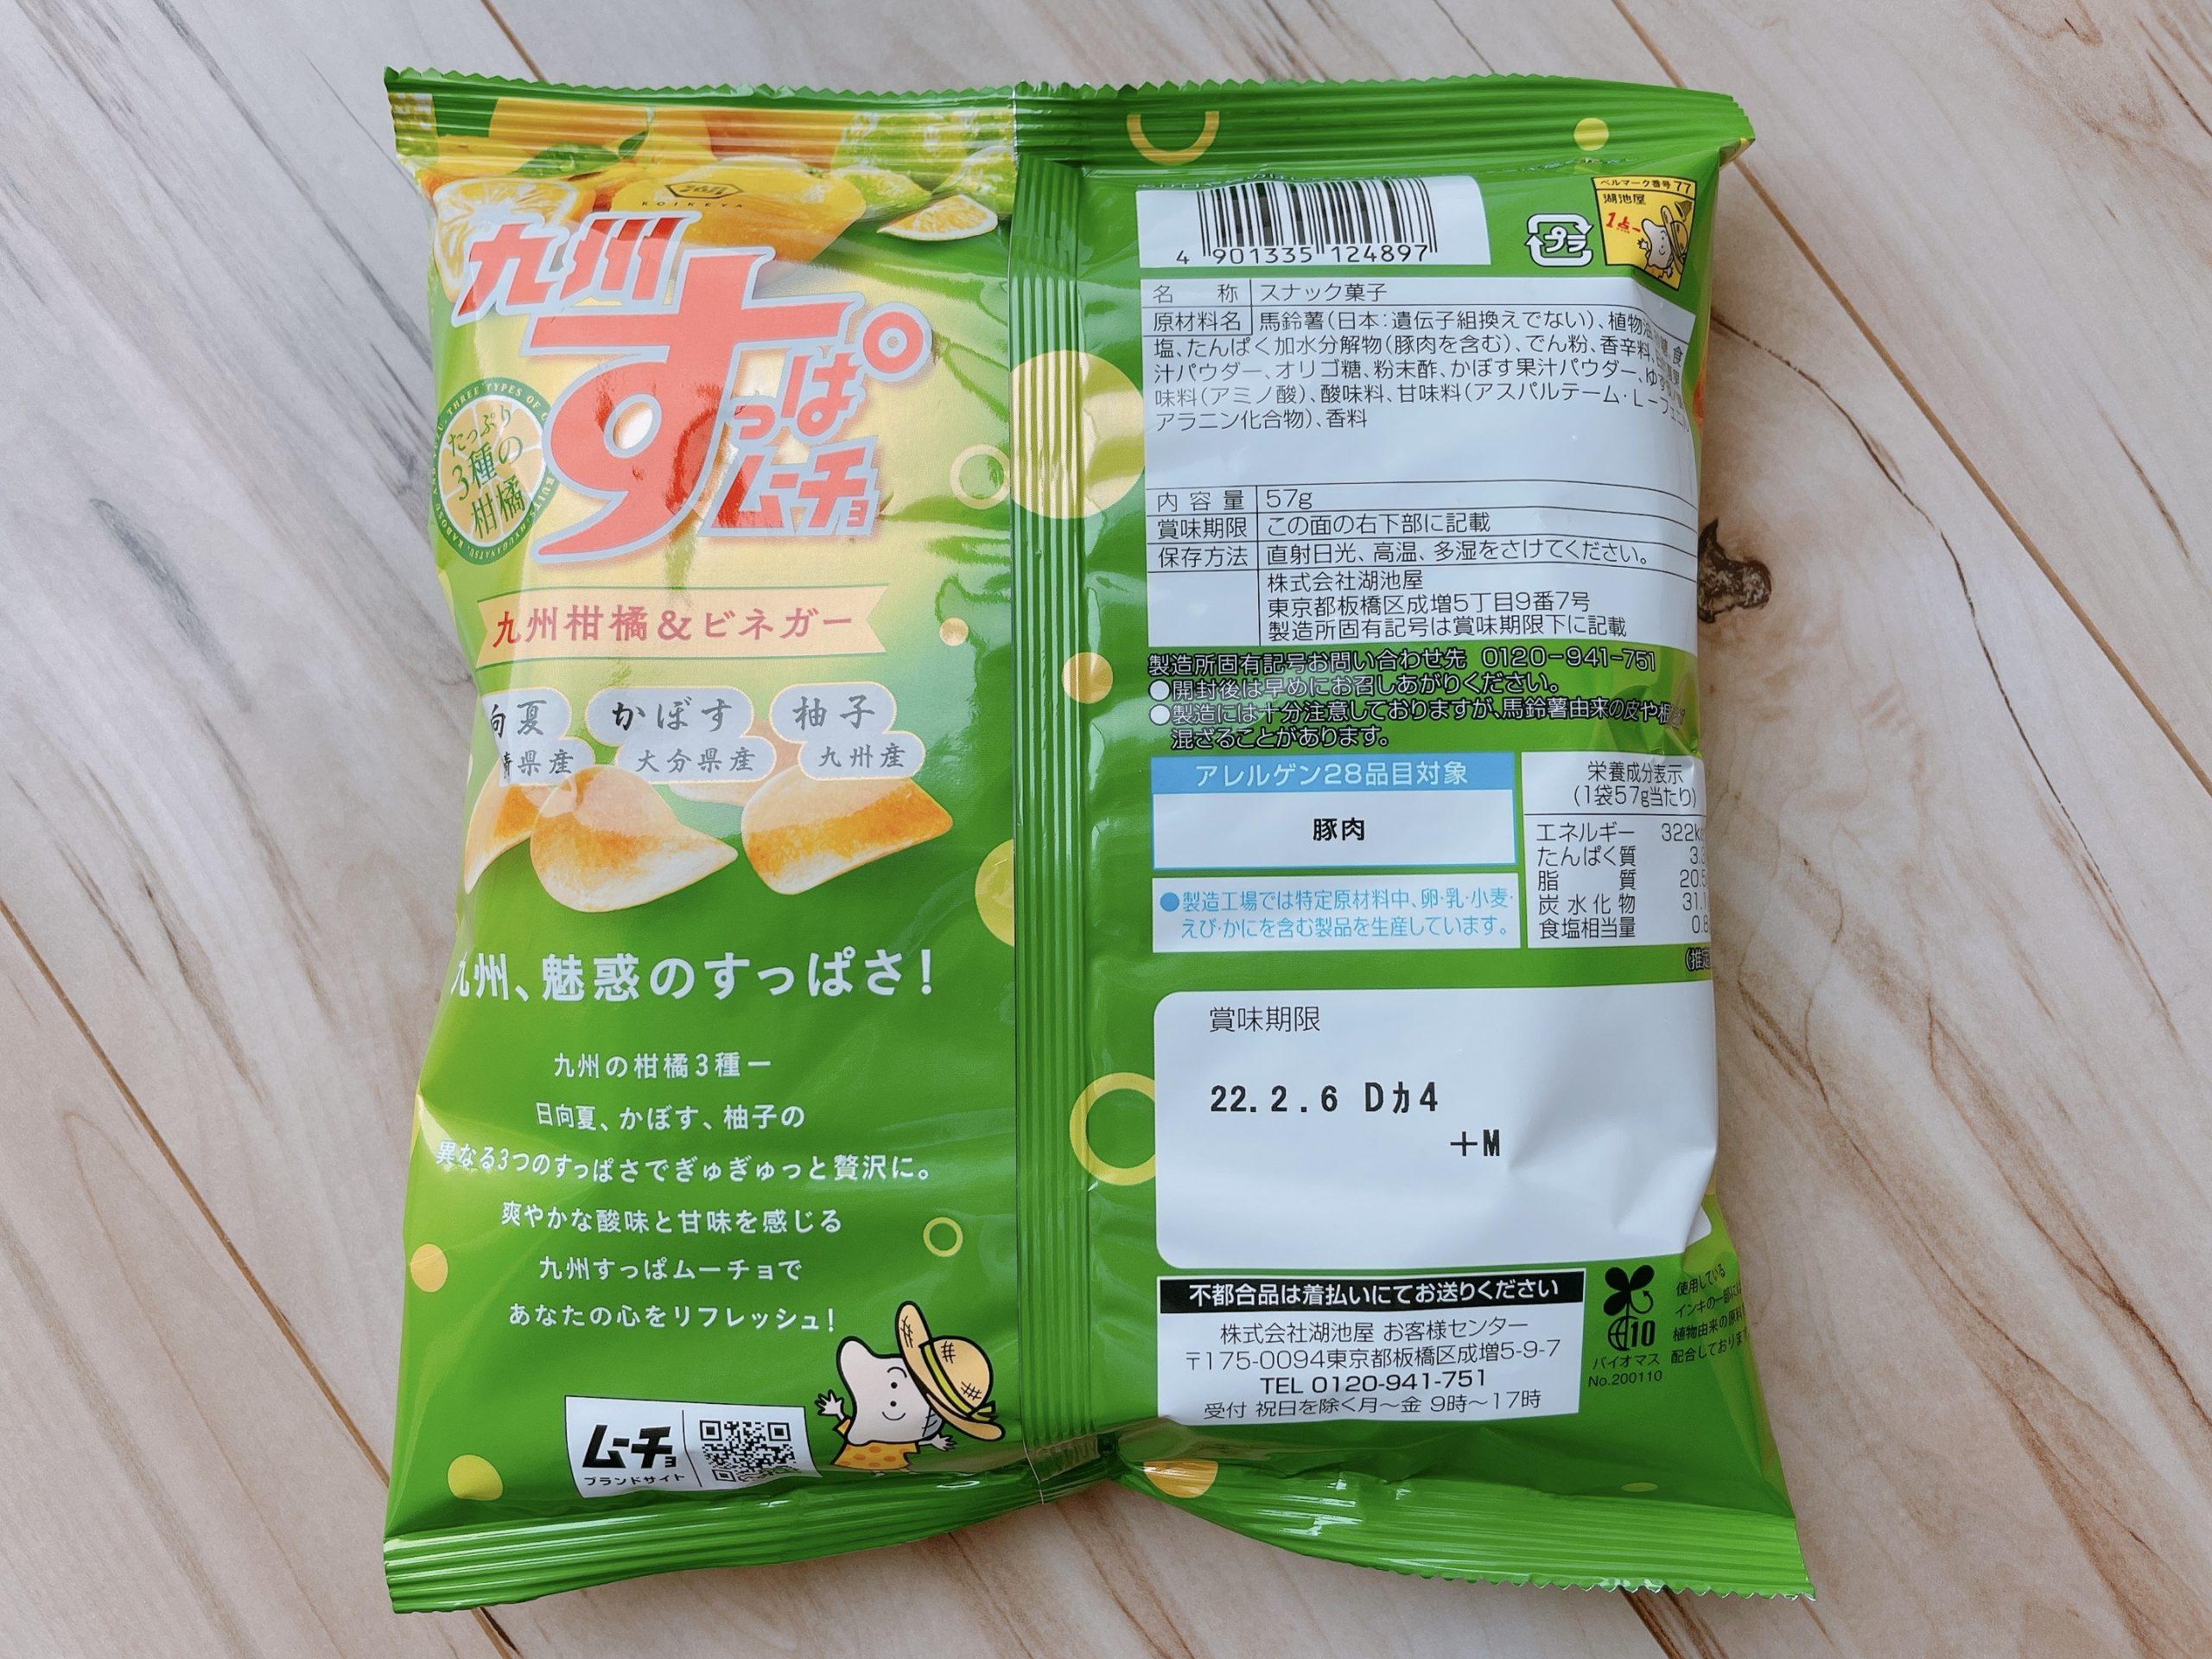 九州すっぱムーチョ<九州柑橘&ビネガー>原材料やカロリーなど